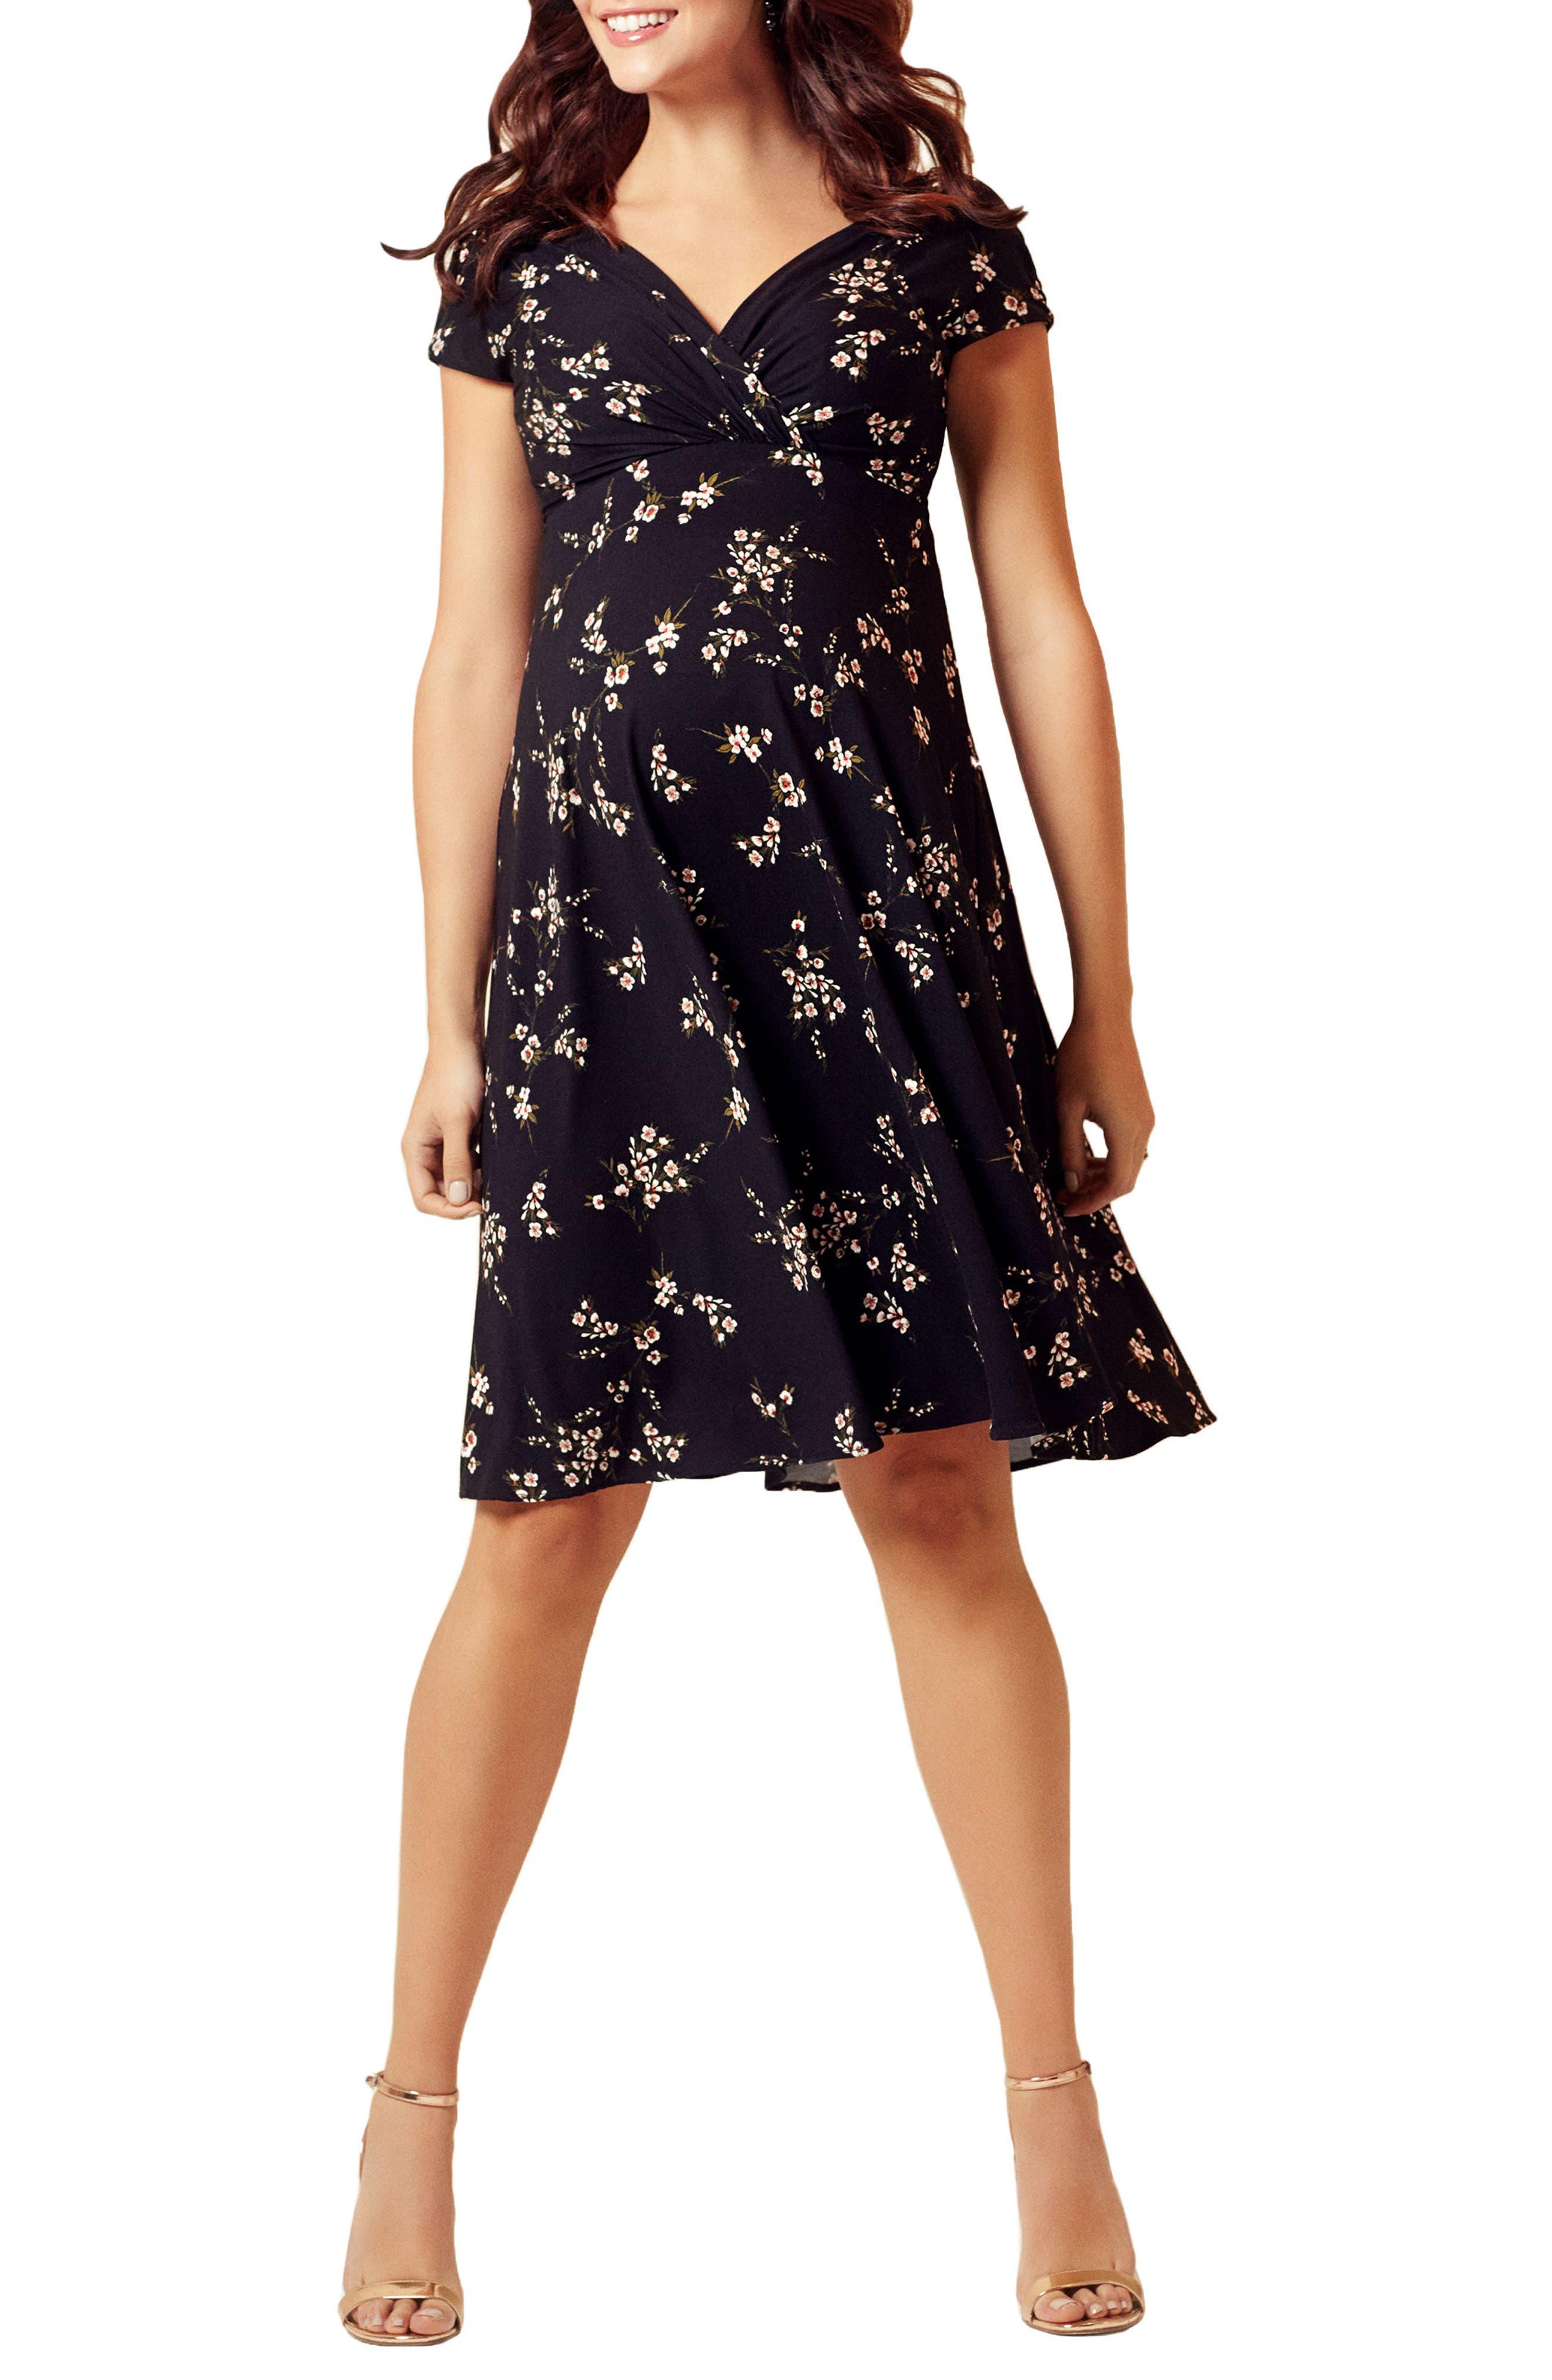 Alessandra Floral Maternity/Nursing Dress,                         Main,                         color, Night Blossom